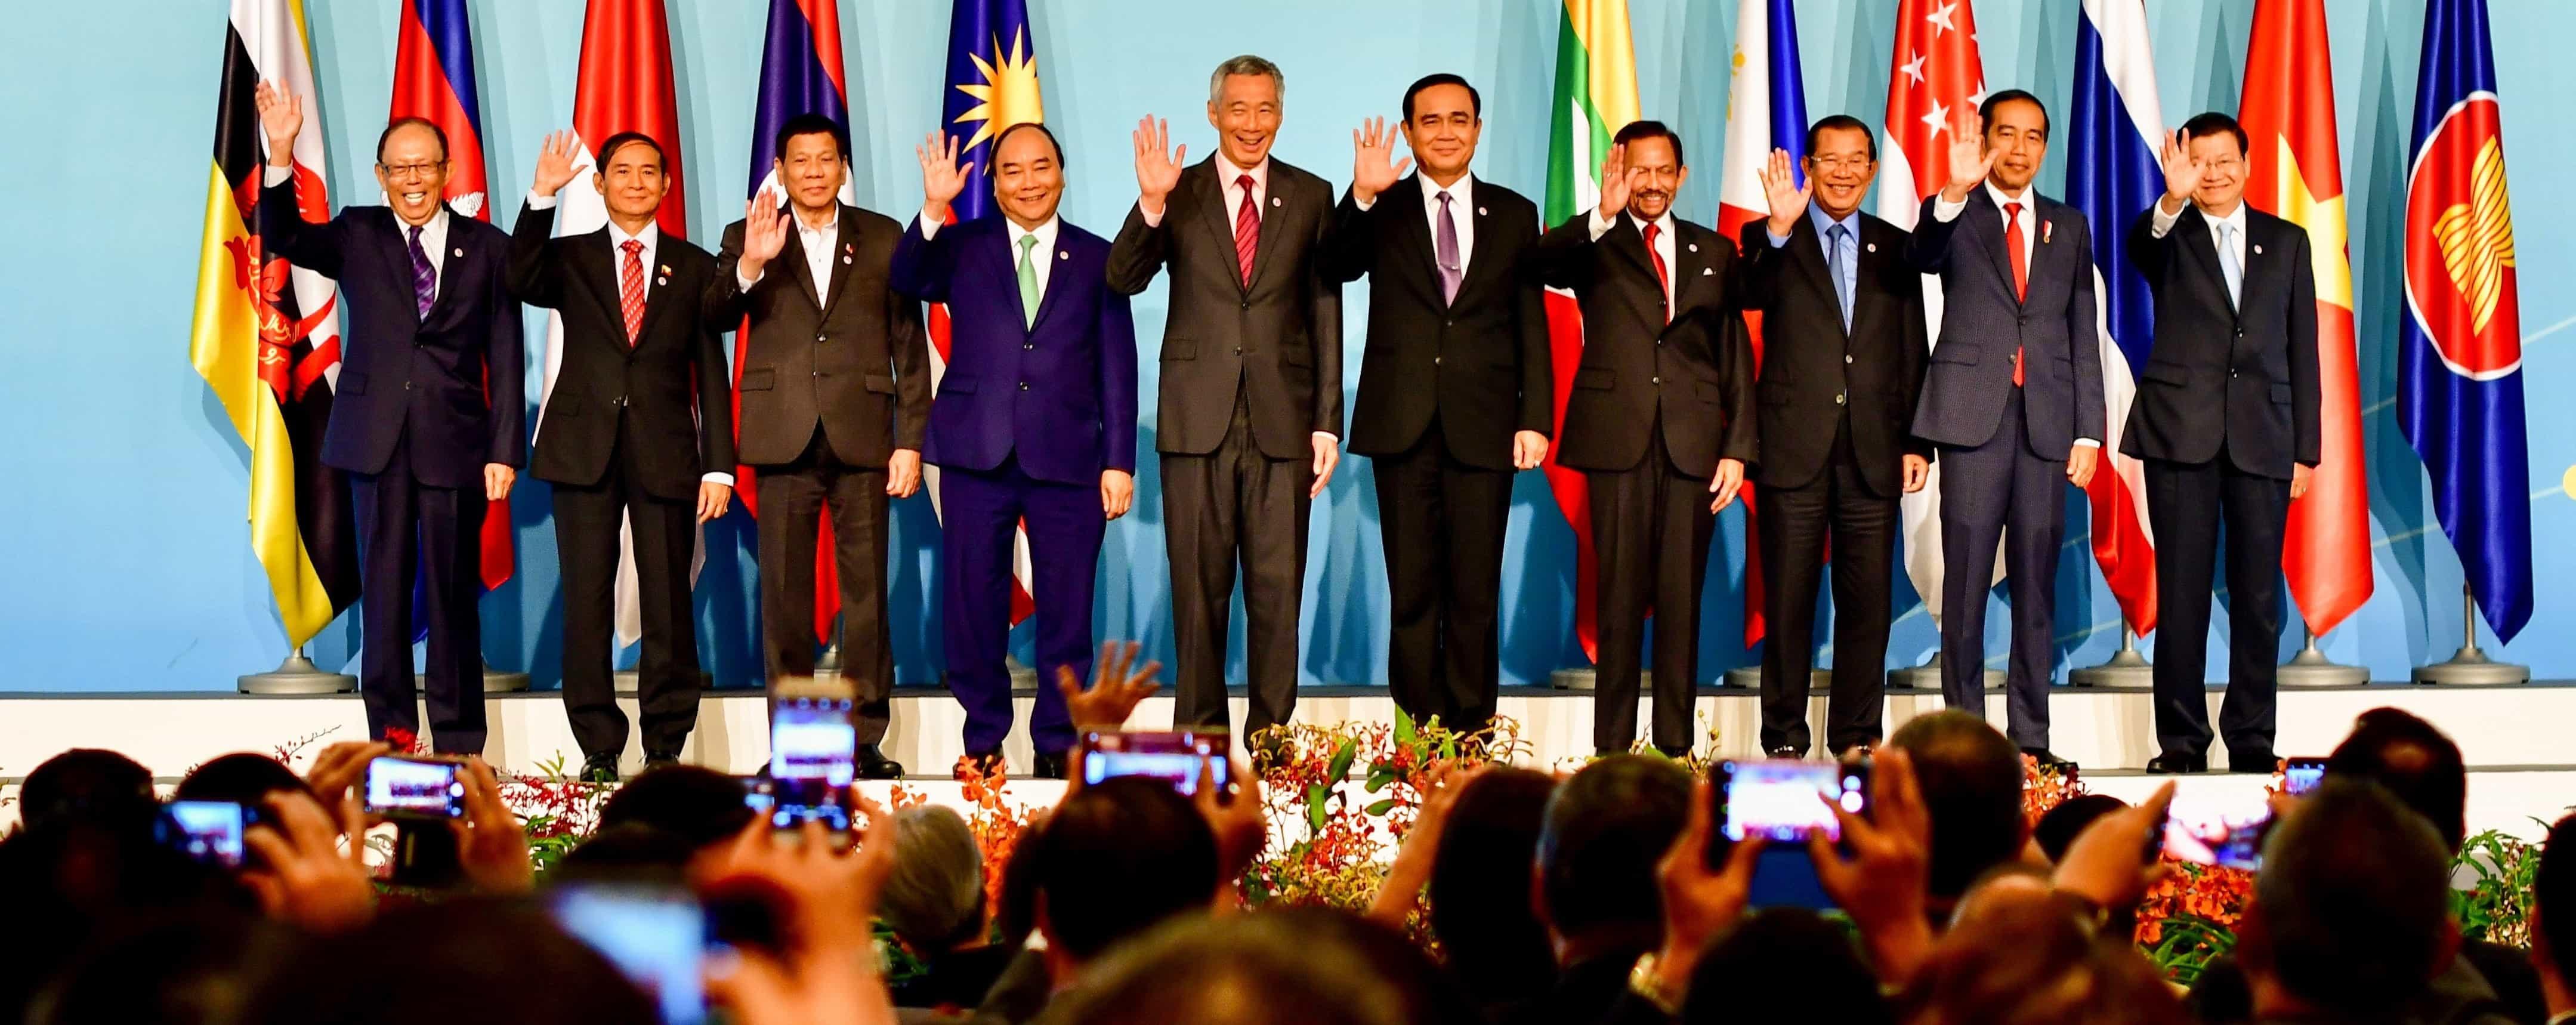 32nd ASEAN Summit, Singapore (Photo: Simon Roughneen)